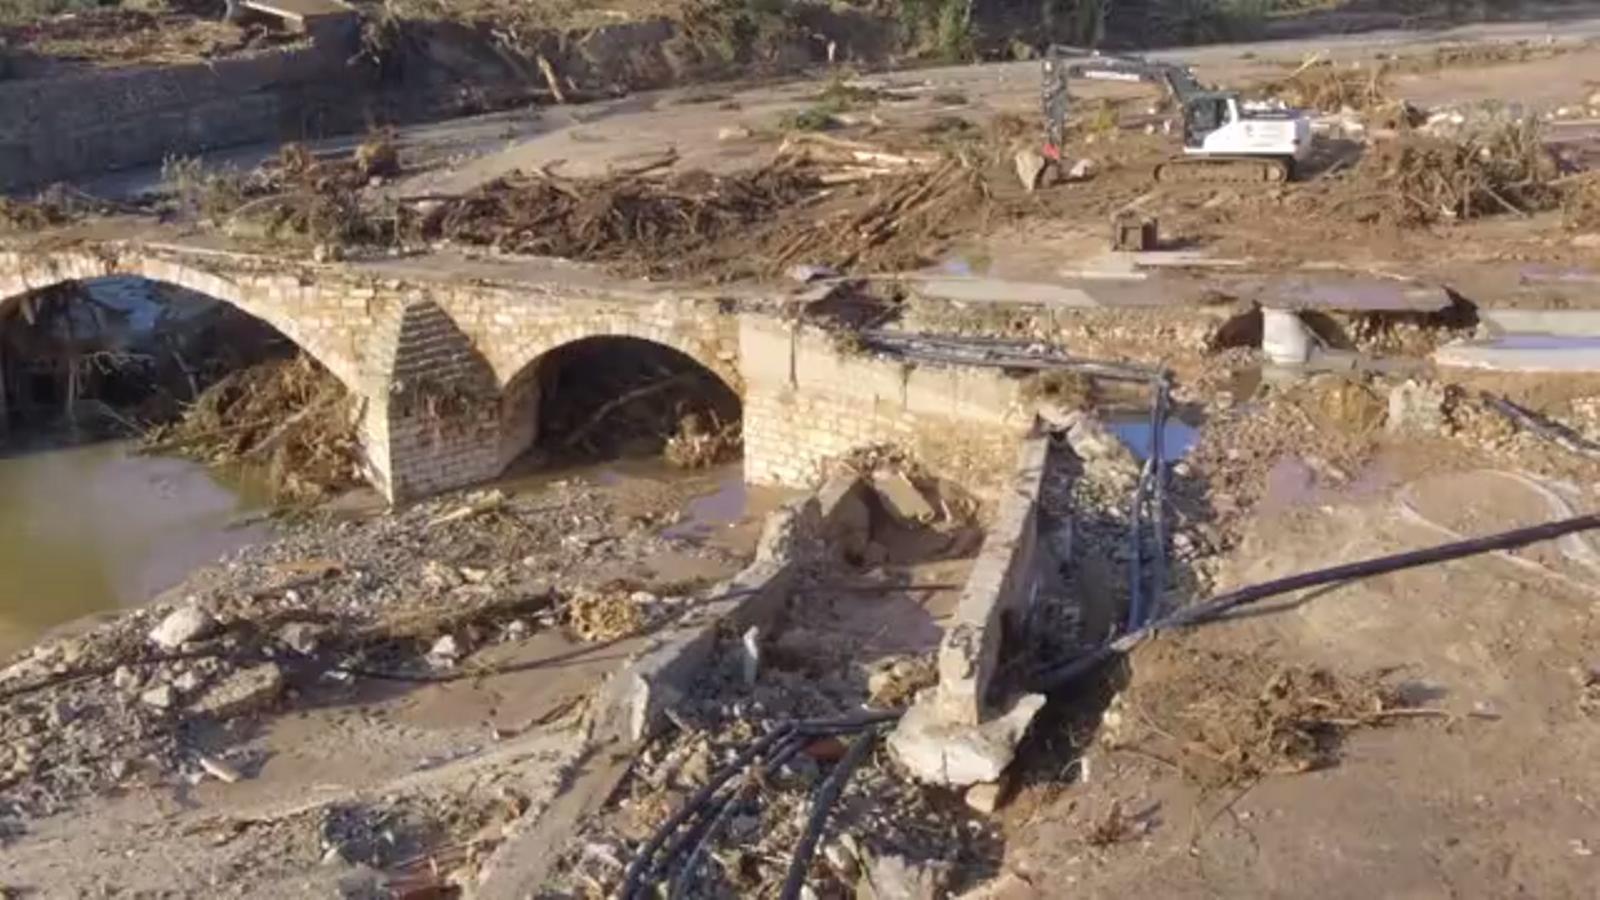 Imatges aèries a vista de dron obtingudes per l'ACN dels efectes de la riuada a la llera del Francolí a l'entorn del Pont Vell de Montblanc i al centre de l'Espluga de Francolí